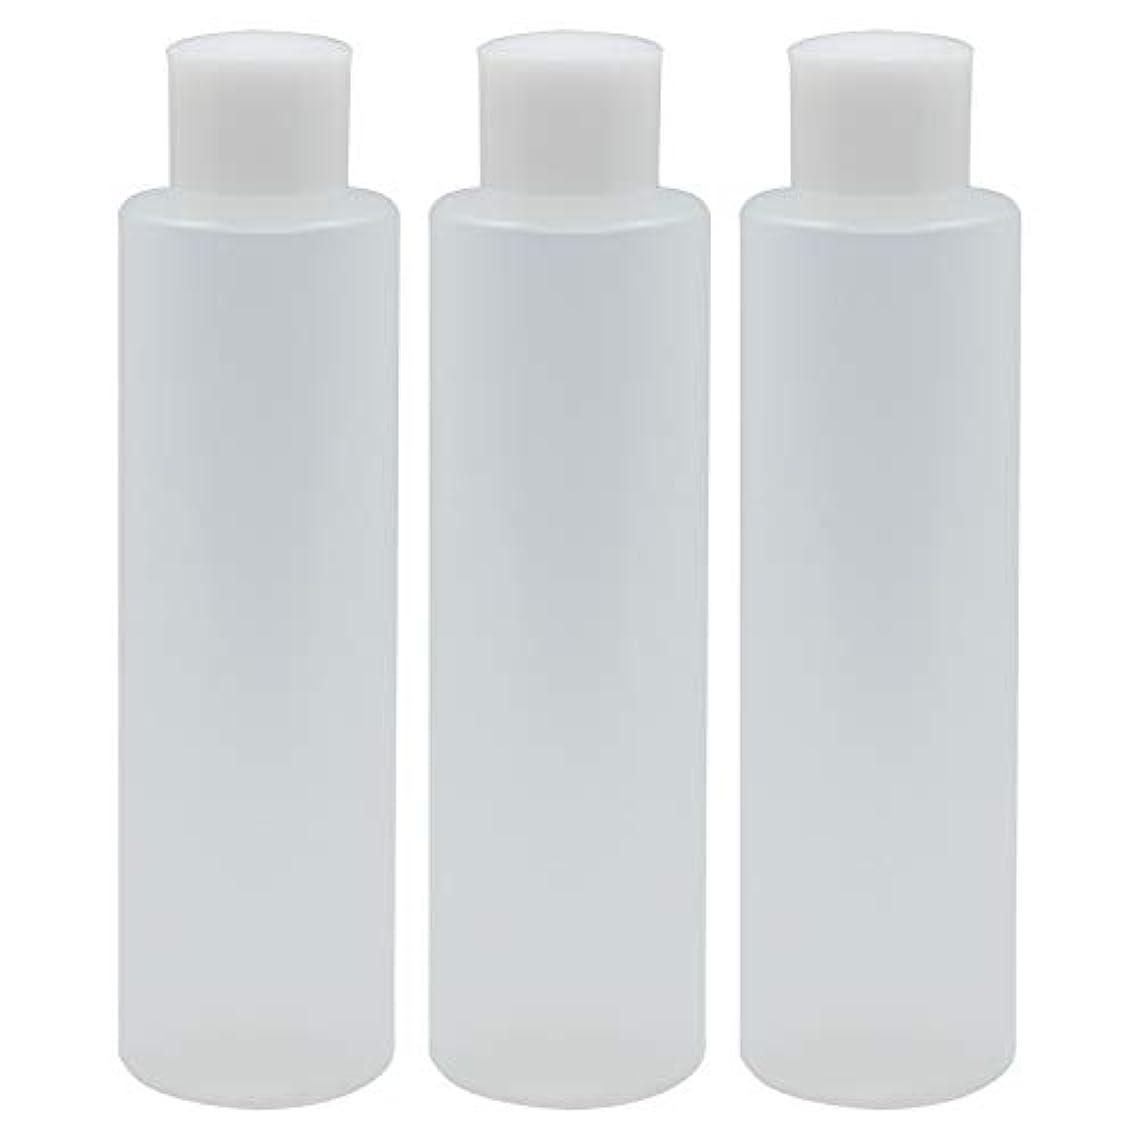 置くためにパックアーサーコナンドイルリベラル日本製 PPボトル 半透明 スクリューキャップ 中栓付き 3本セット